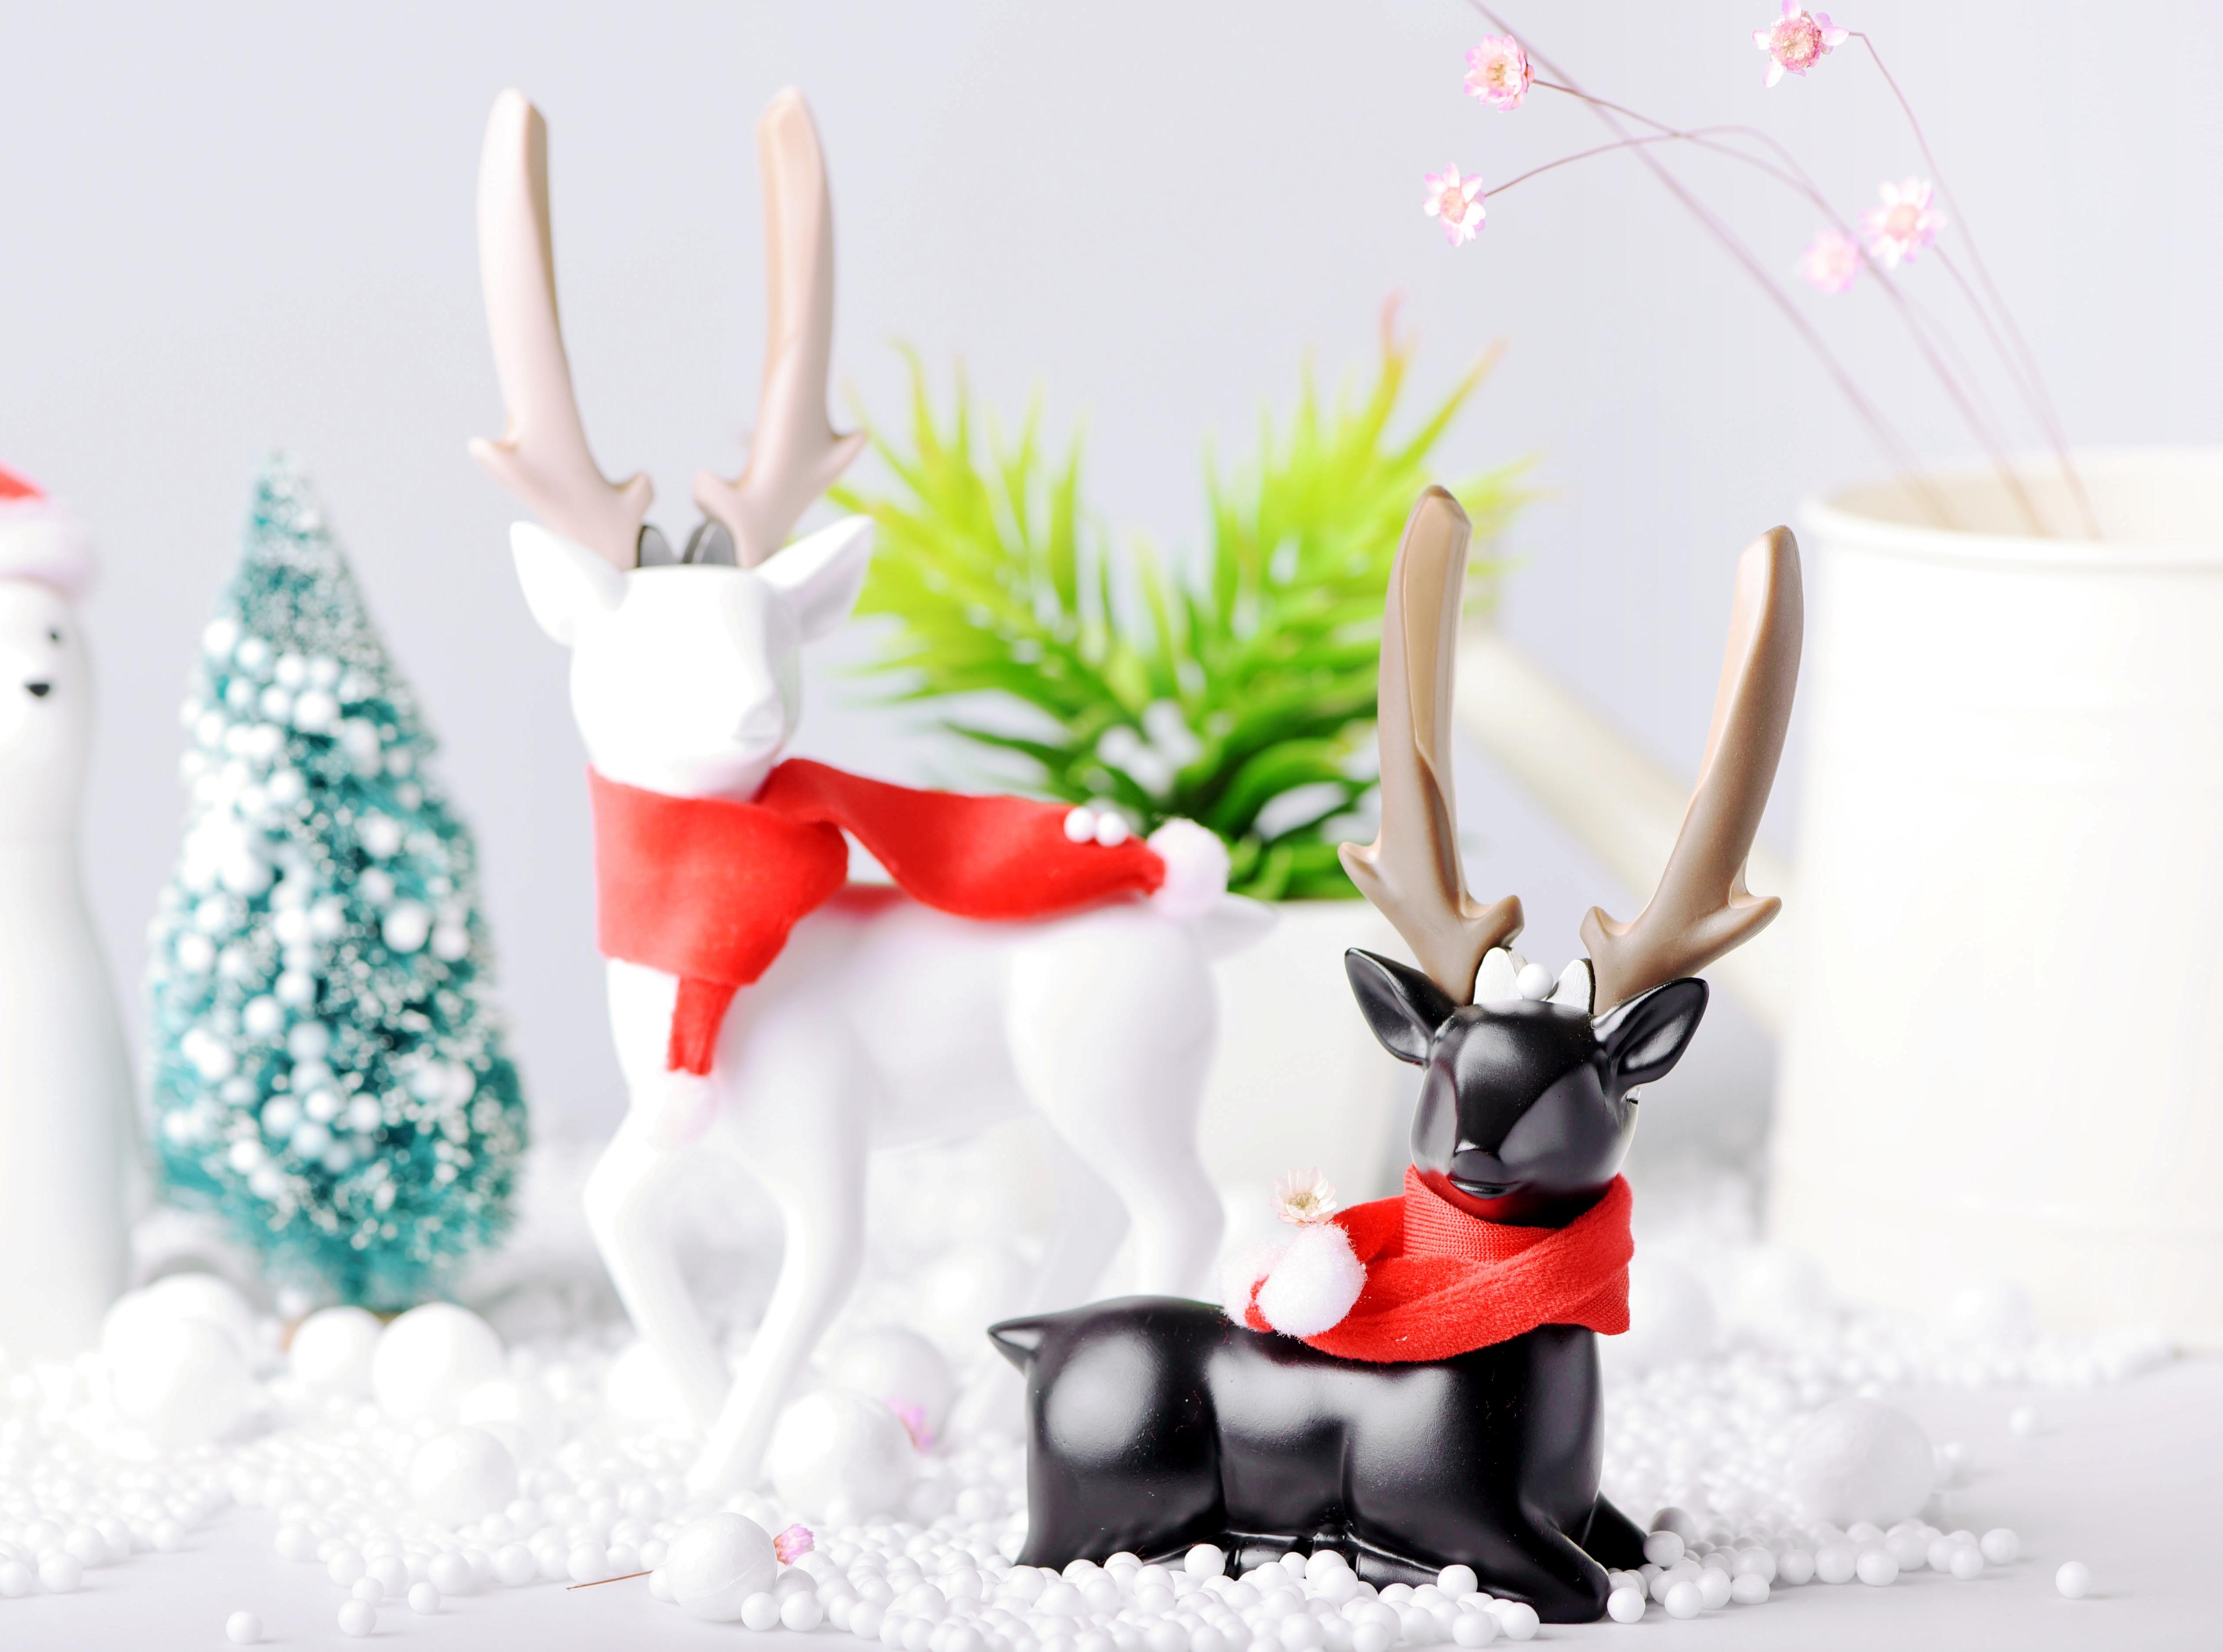 ▲ 造型美觀又實用的小工具組,超級實在的聖誕禮物!